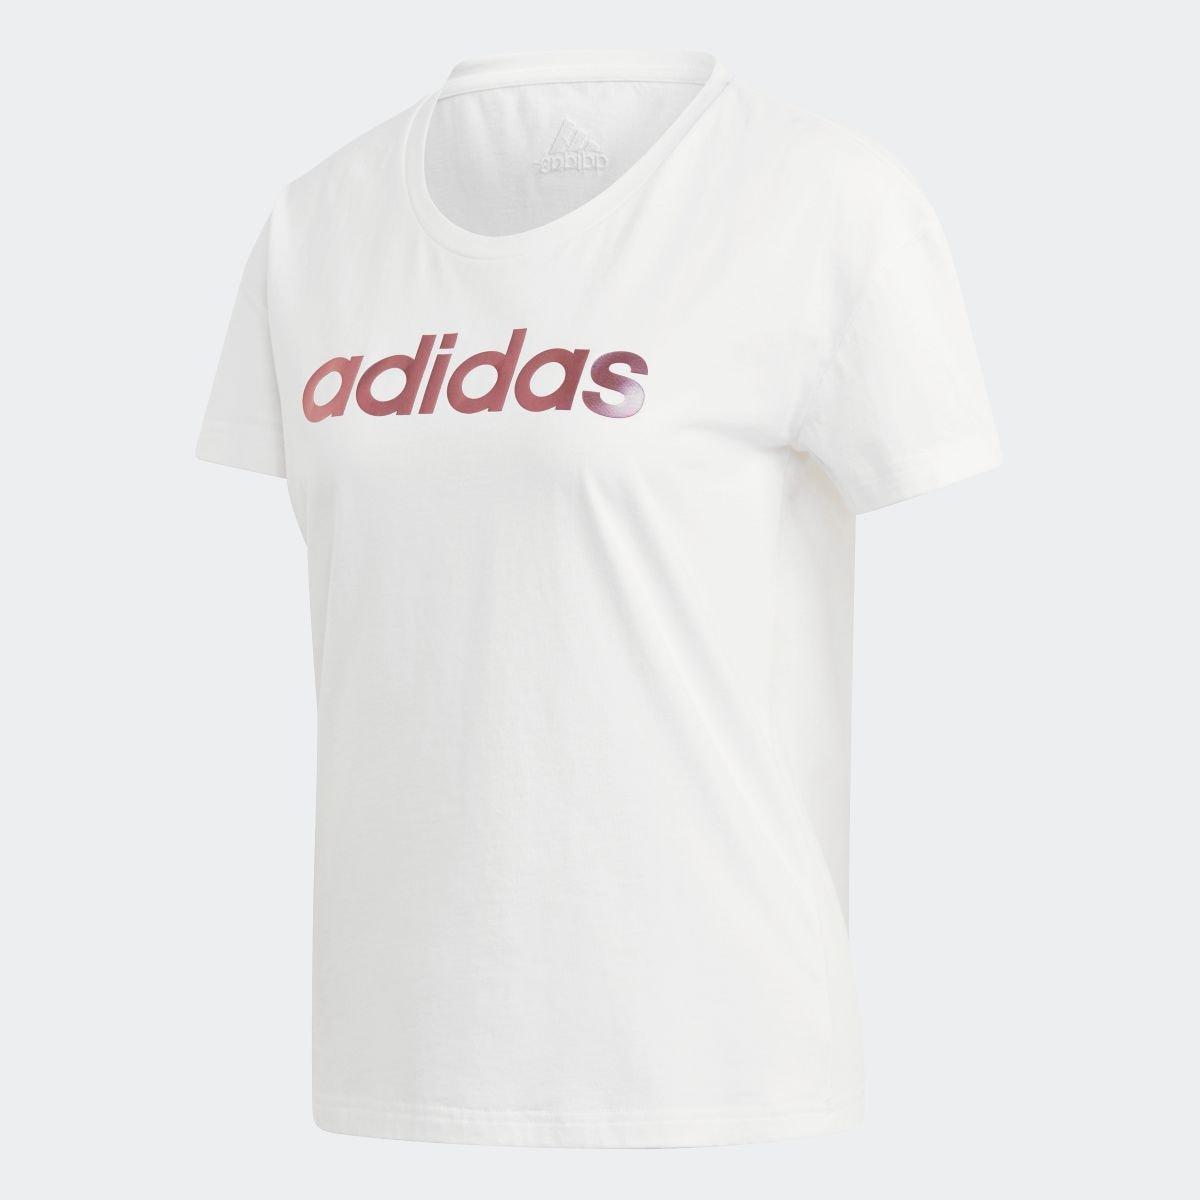 【公式】アディダスadidasアディダスグラフィック半袖Tシャツ/adidasGraphicTeeレディースウェアトップスTシャツGL7802